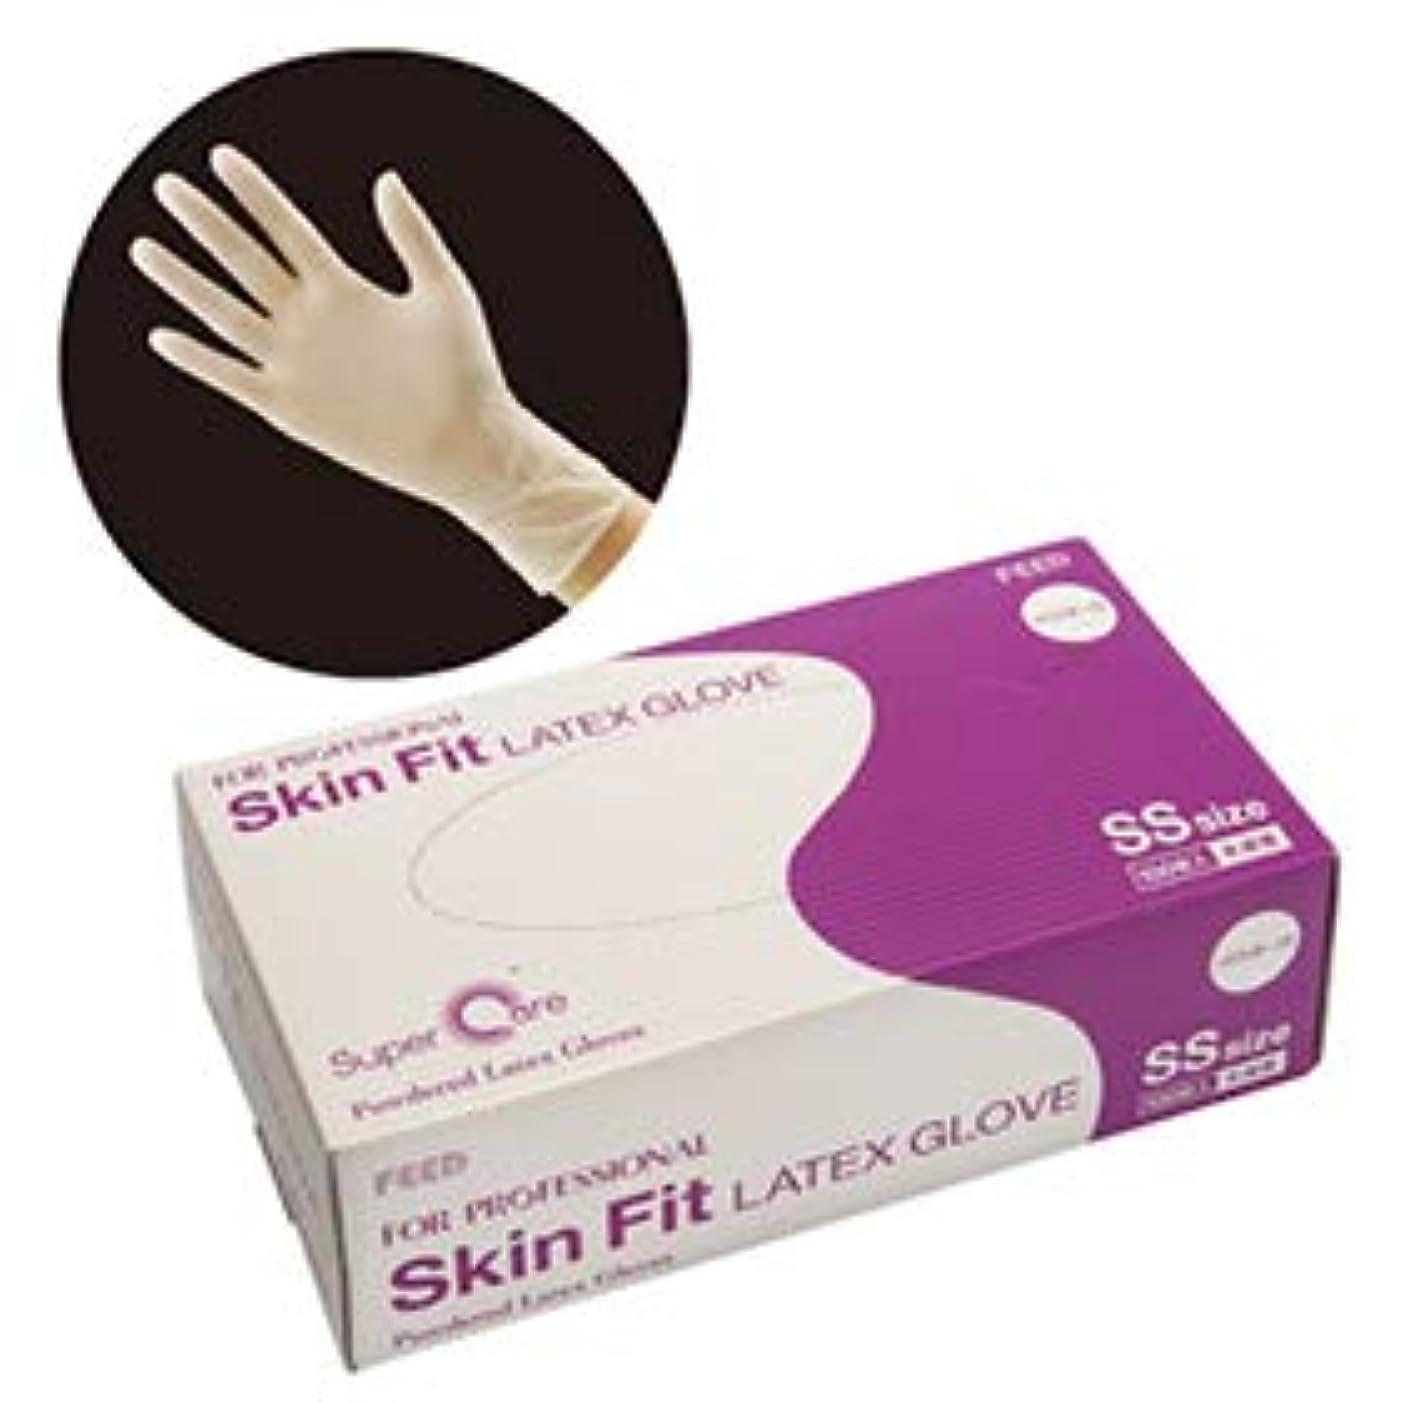 試みるうがい注文FEED(フィード) Skin Fit ラテックスグローブ パウダー付 SS カートン(100枚入×10ケース) (作業用)